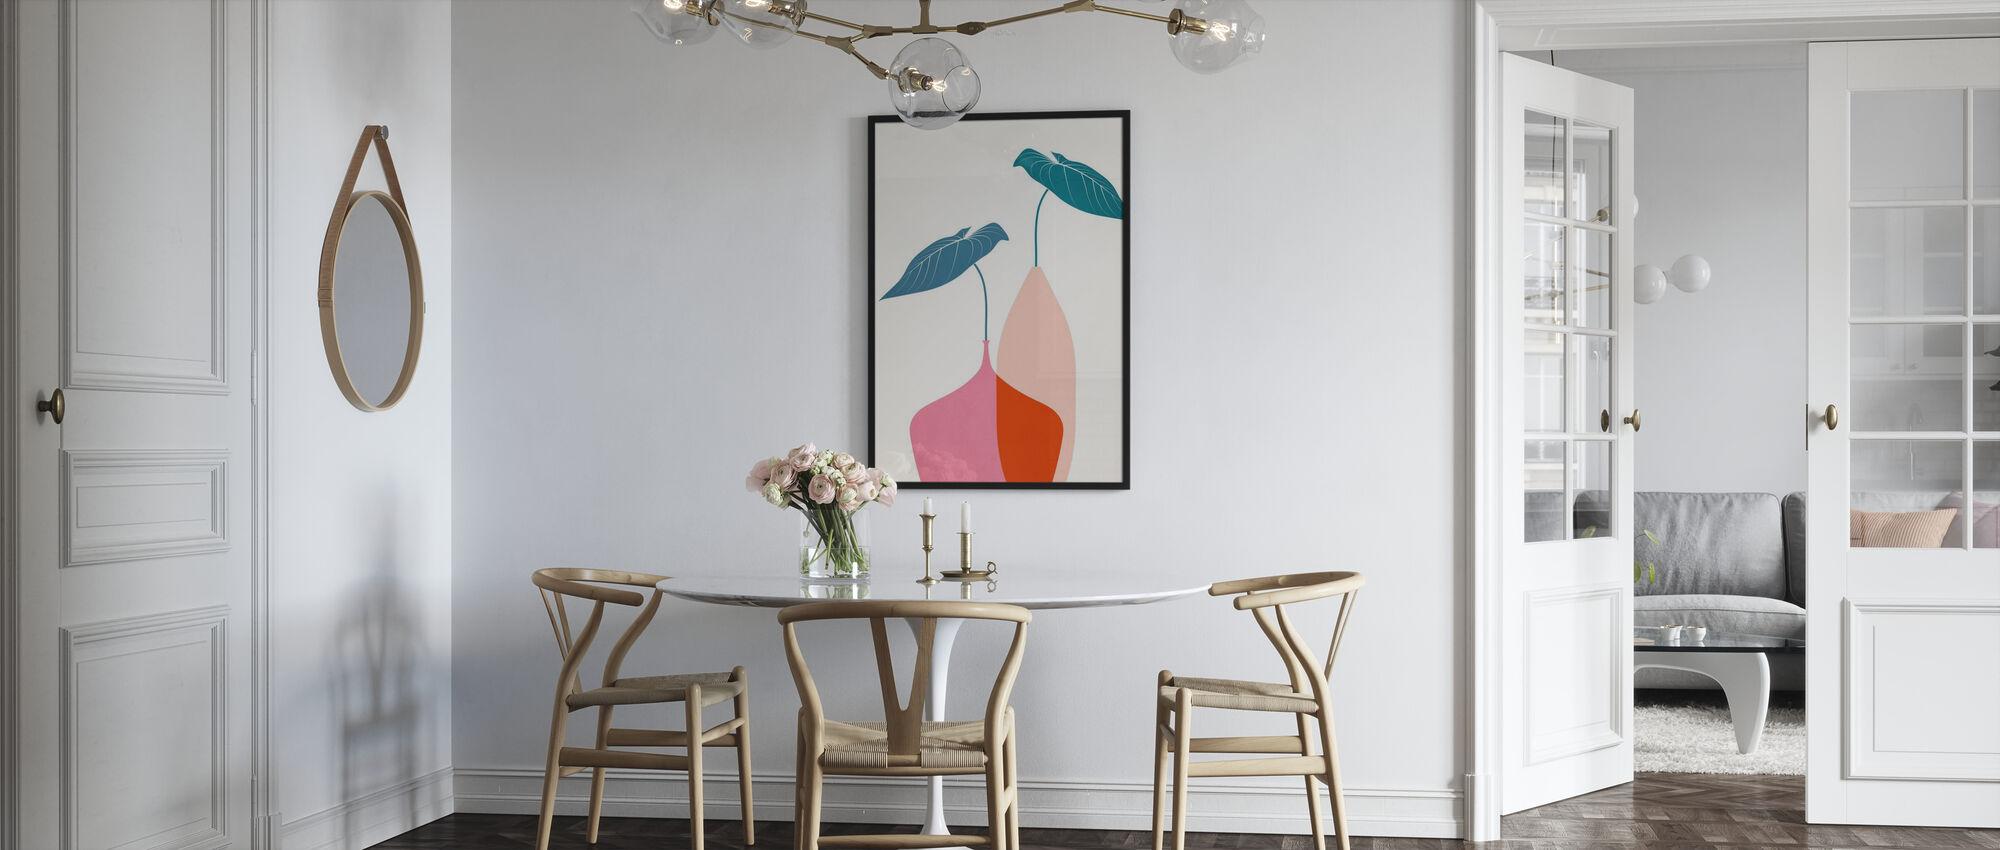 Skandinavisk bukett - Poster - Kök